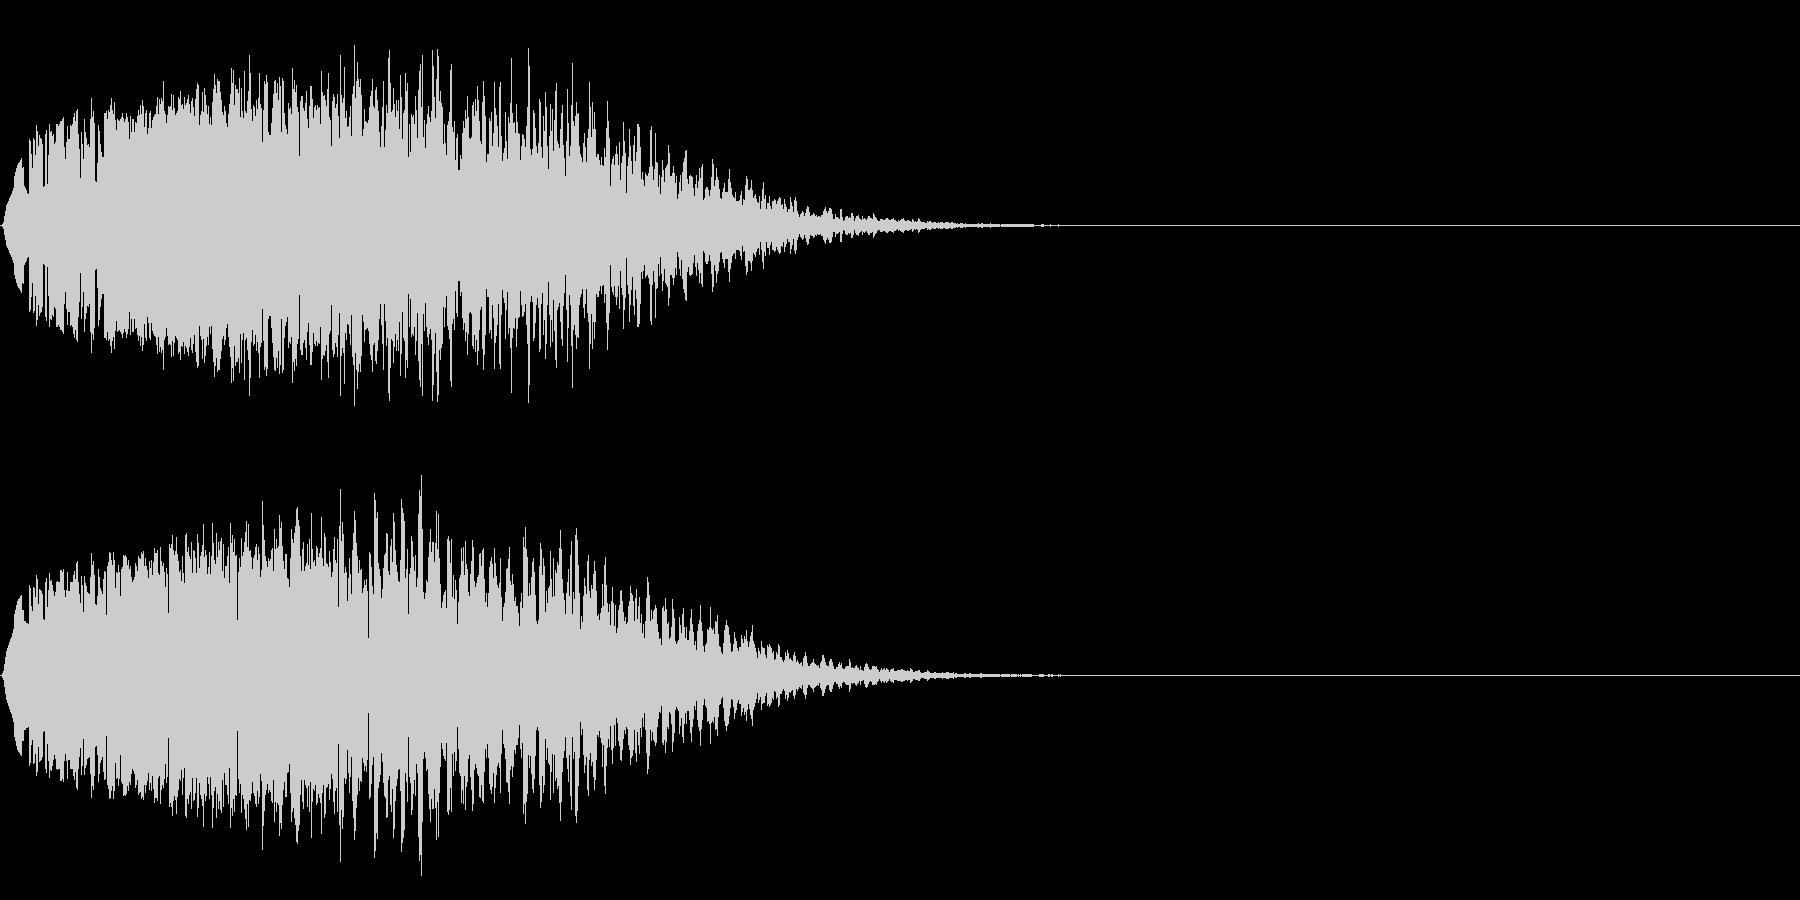 昔SFでモニターに映像がうつる時、鳴る音の未再生の波形